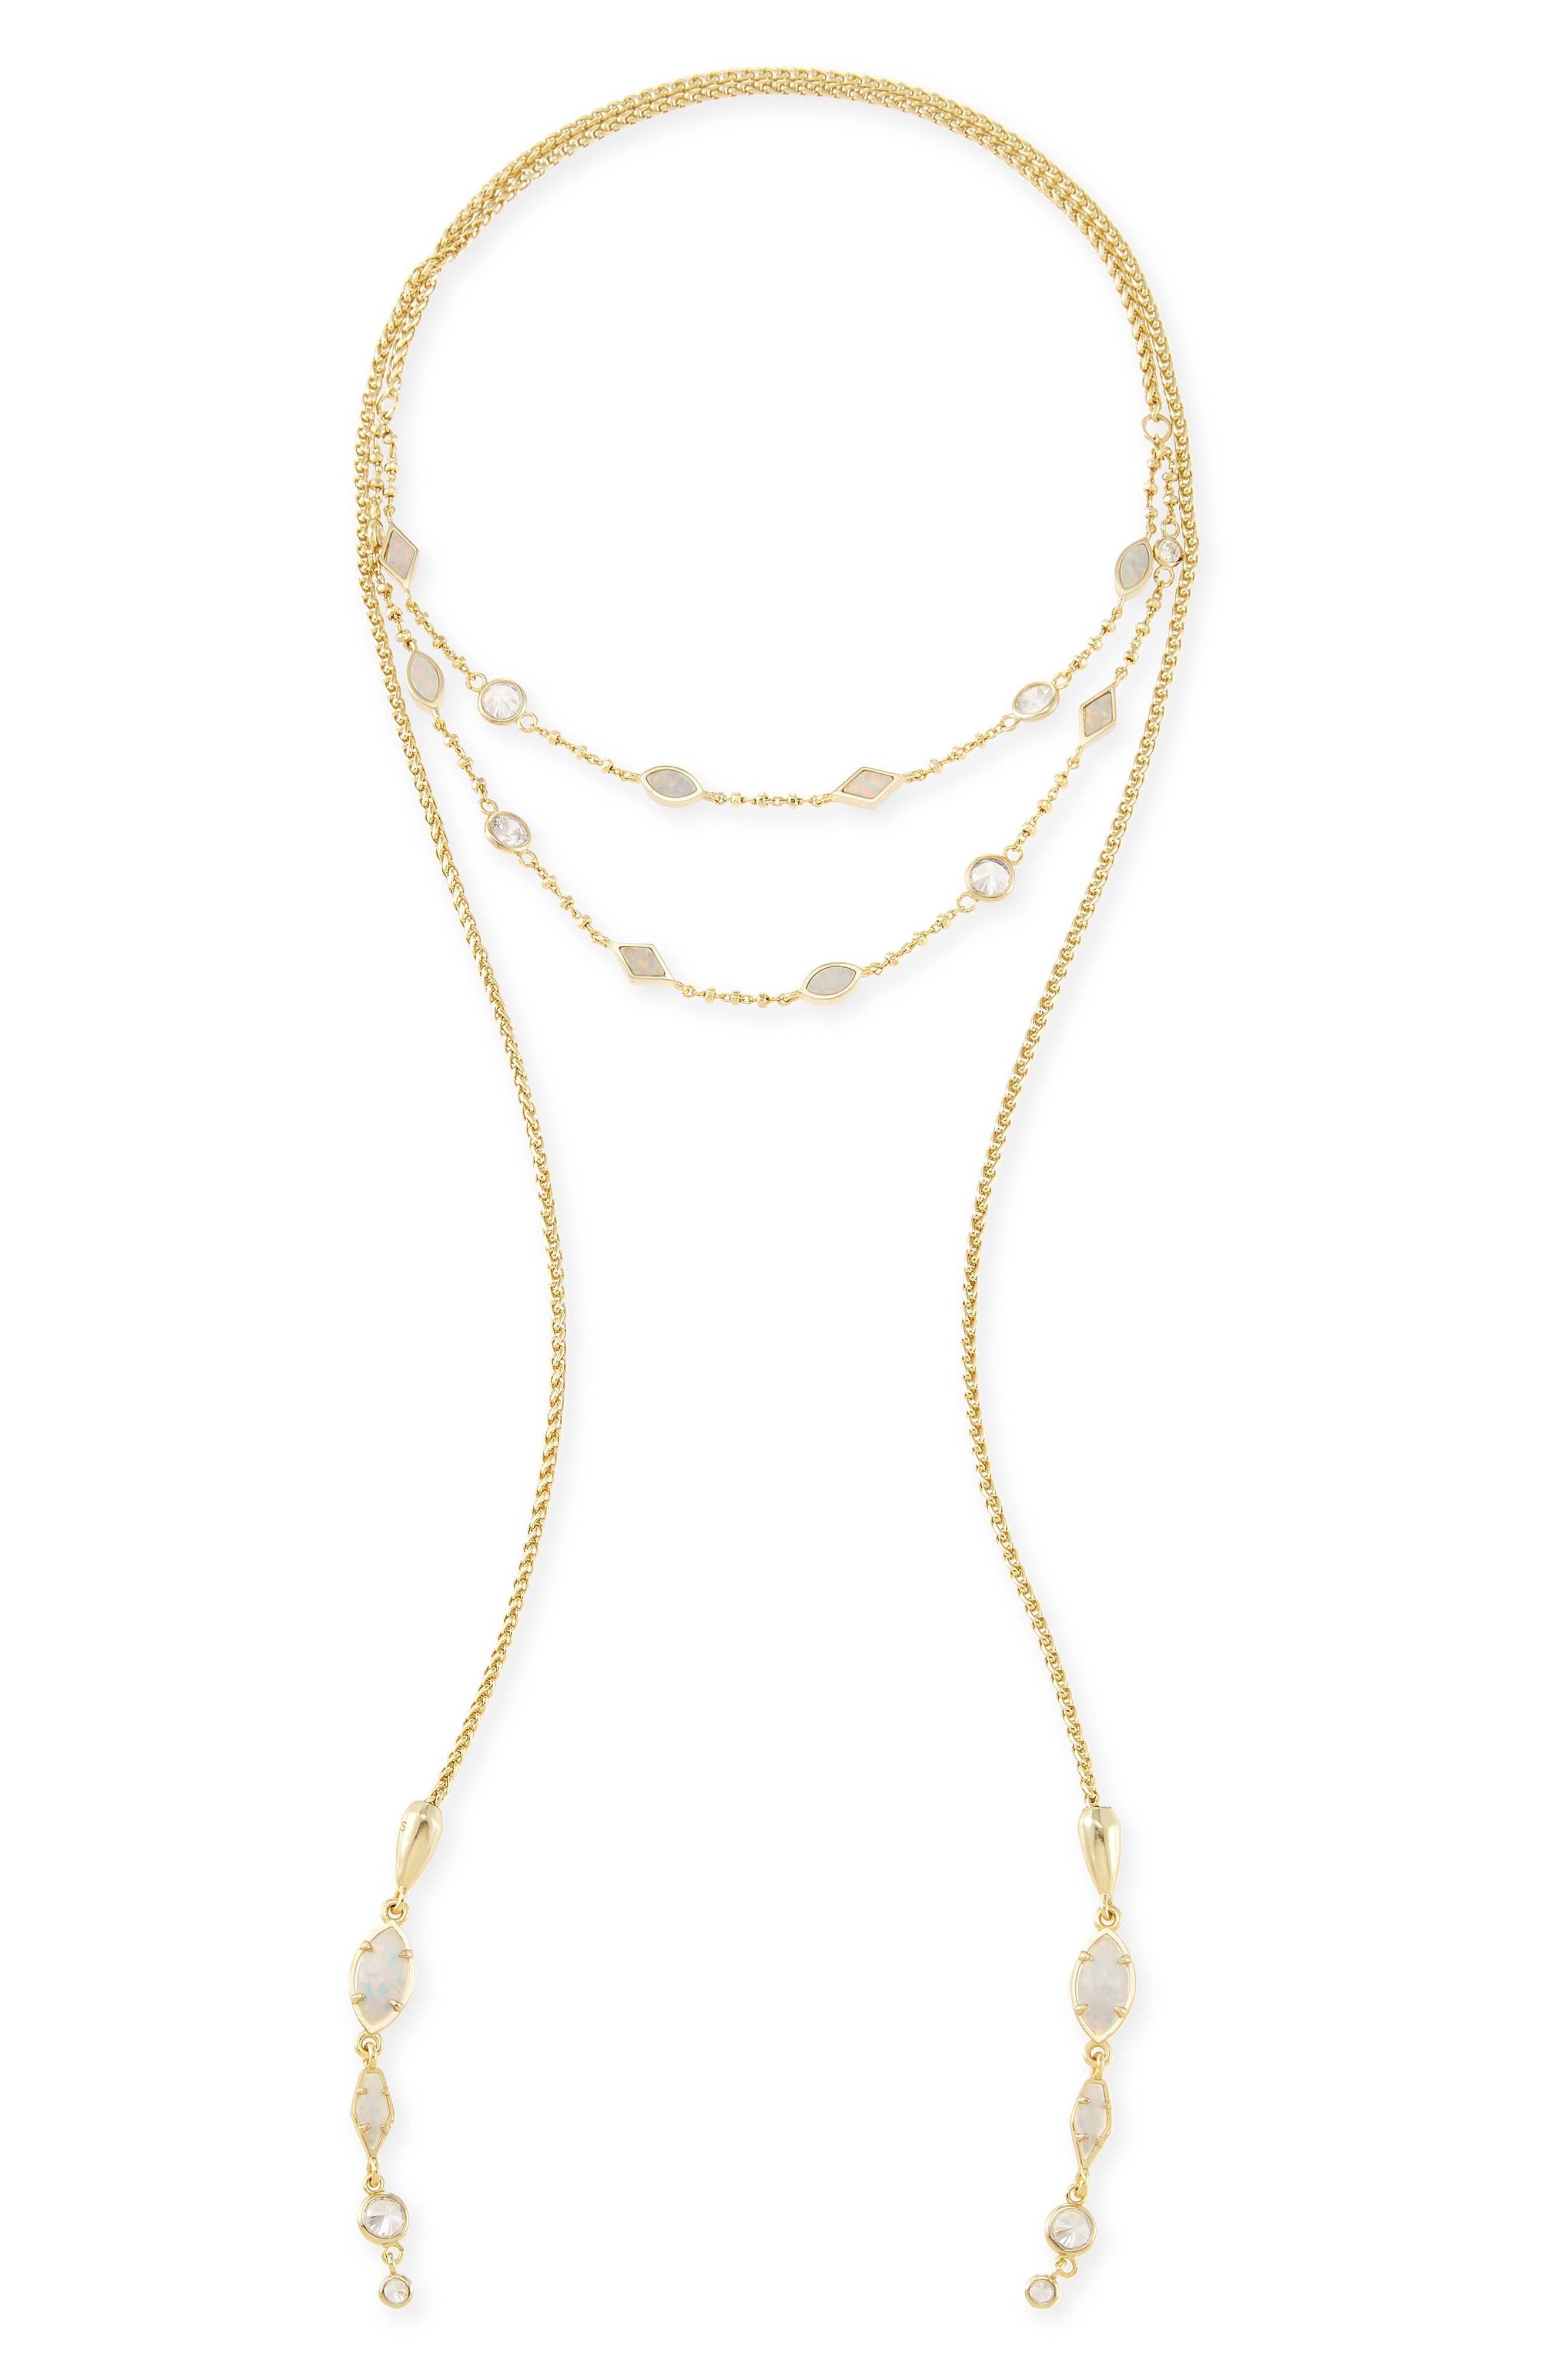 Emelina Wrap Necklace,                             Alternate thumbnail 5, color,                             Ivory Zellige/ Gold